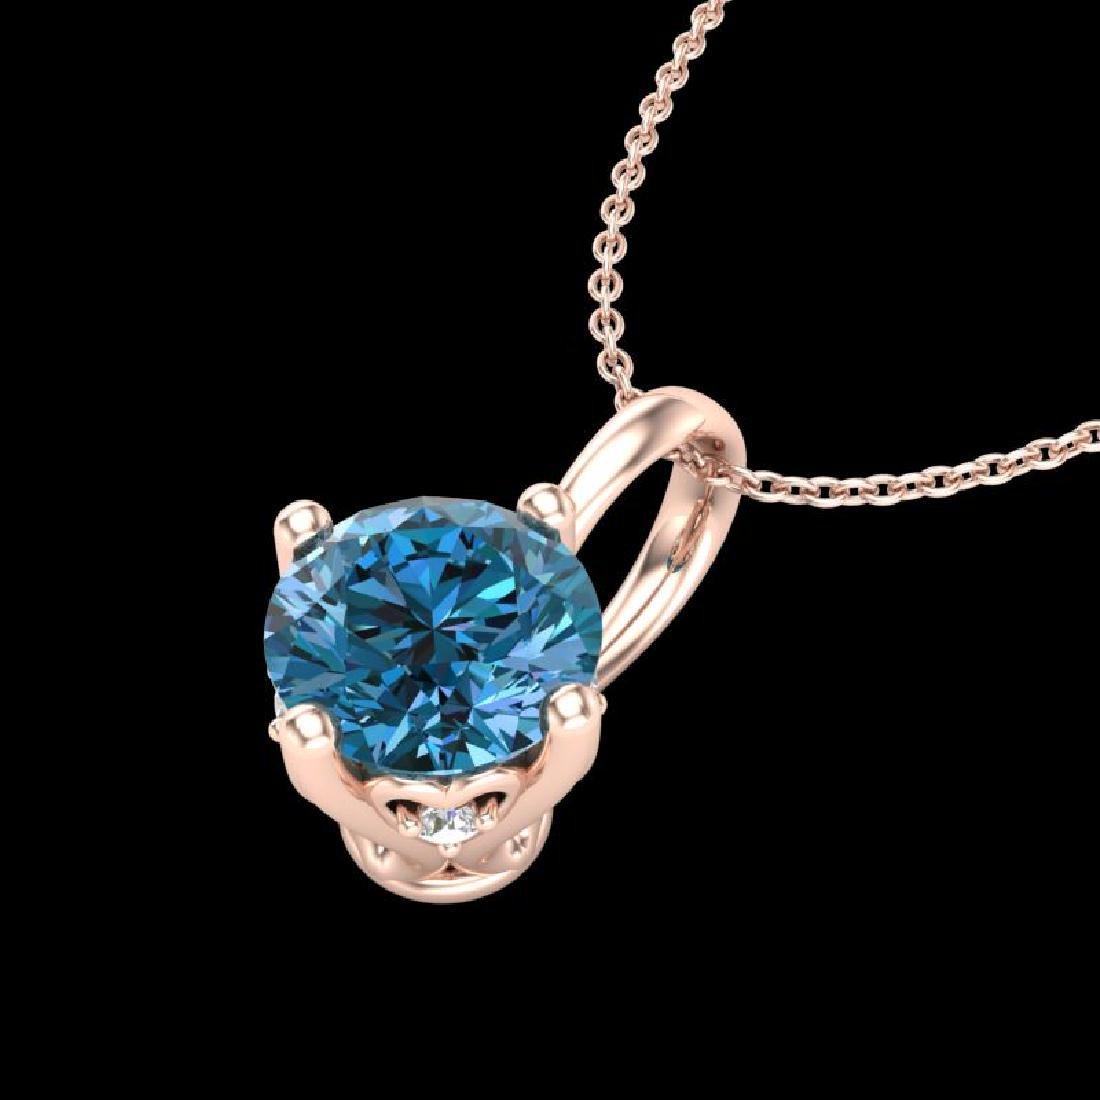 0.82 CTW Fancy Intense Blue Diamond Solitaire Art Deco - 2